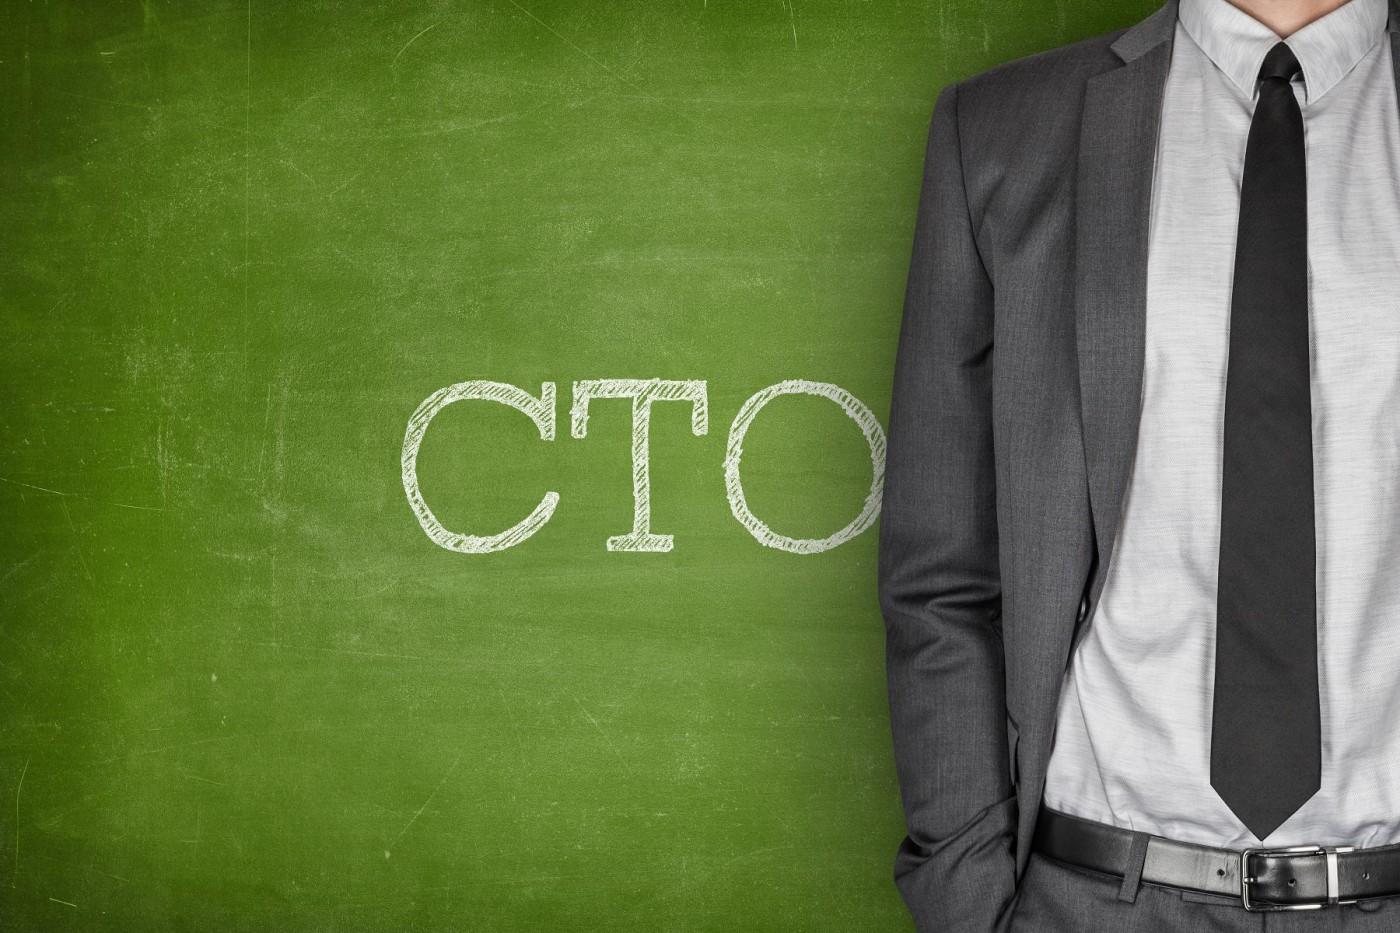 「產品要創新,但管理不行」,成功的新創CTO該具備那些特質?